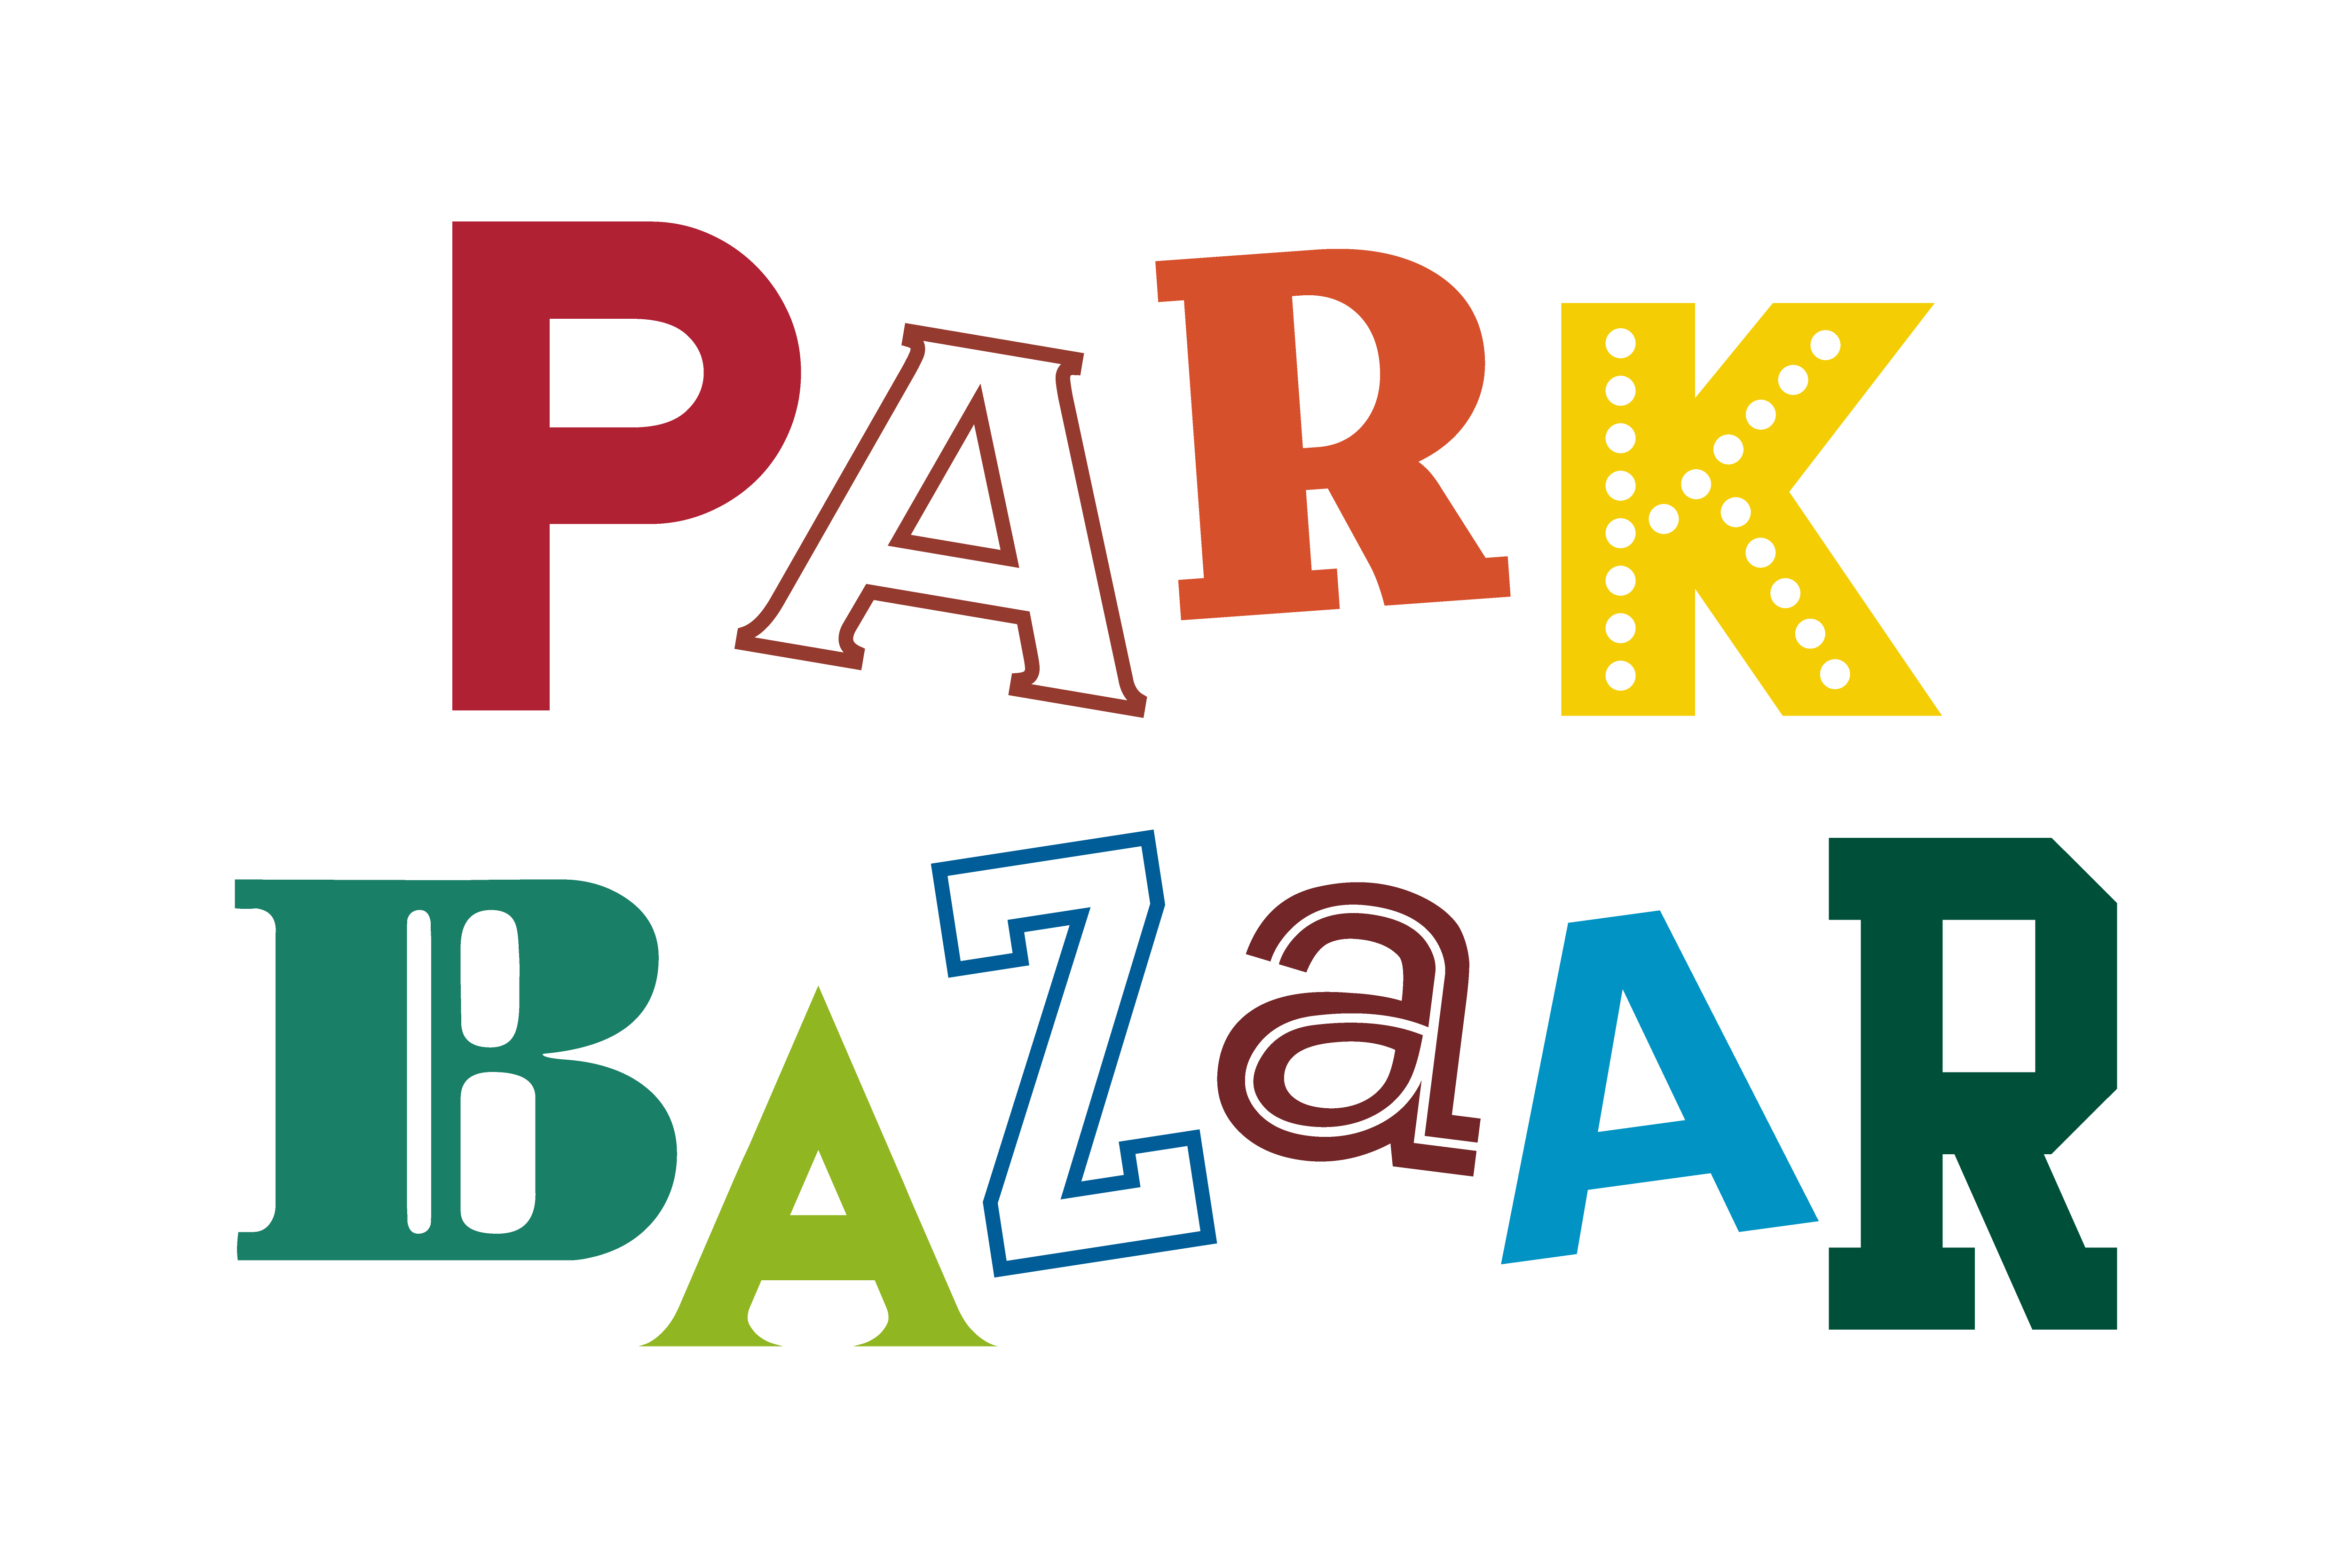 PARK BAZAAR